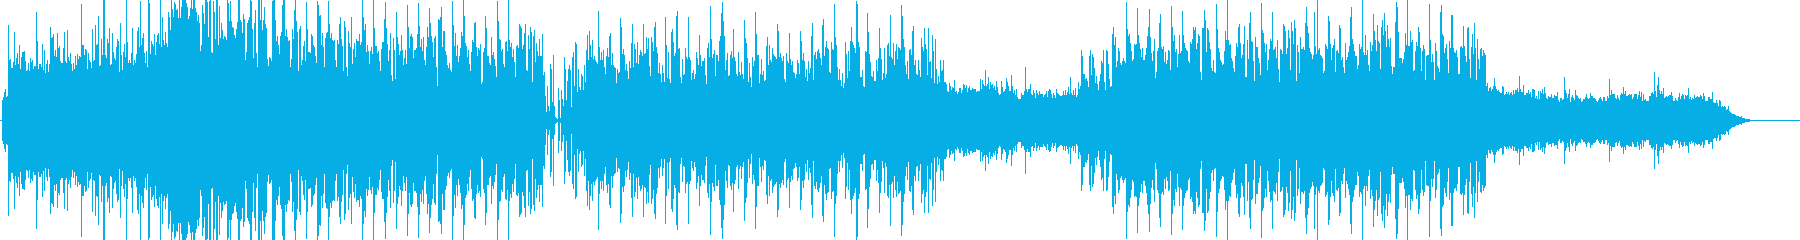 R&B バラードの再生済みの波形